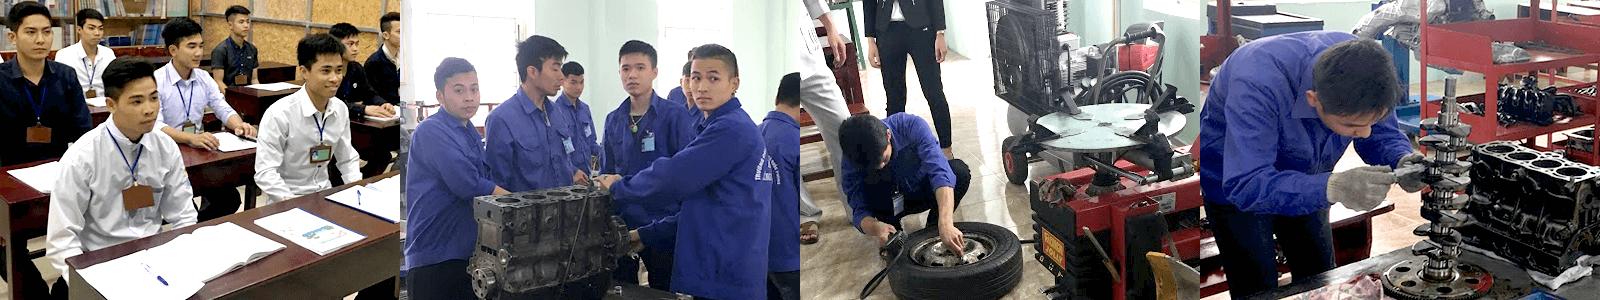 業界初!? 自動車業界特化型ベトナム人技能実習生サービス